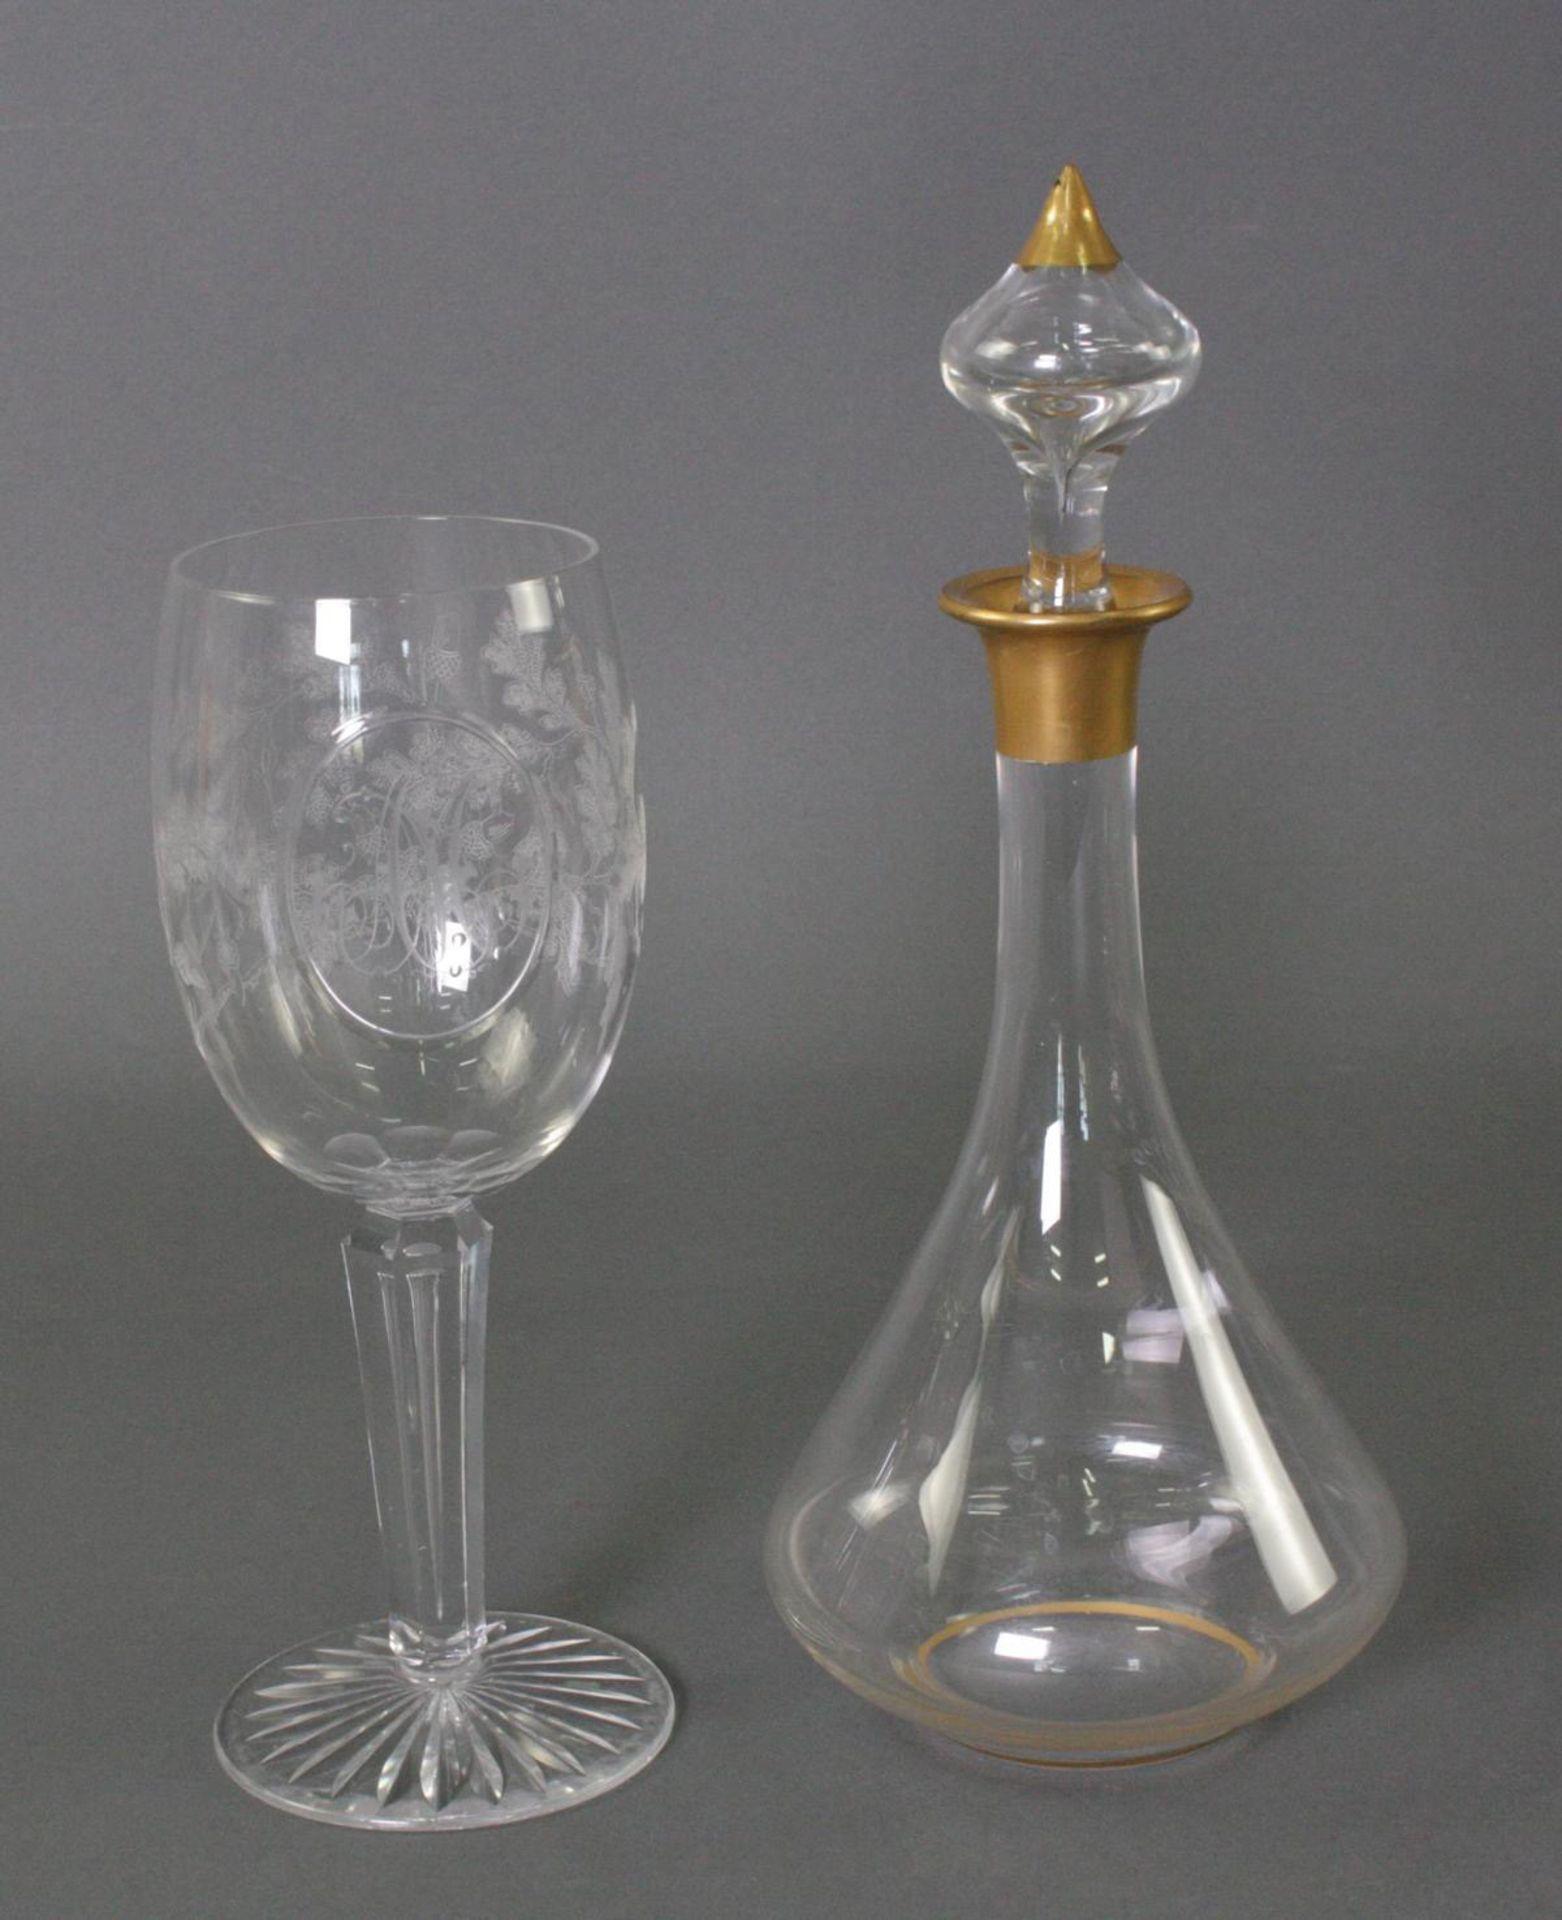 Glas Karaffe und Pokal - Bild 2 aus 6